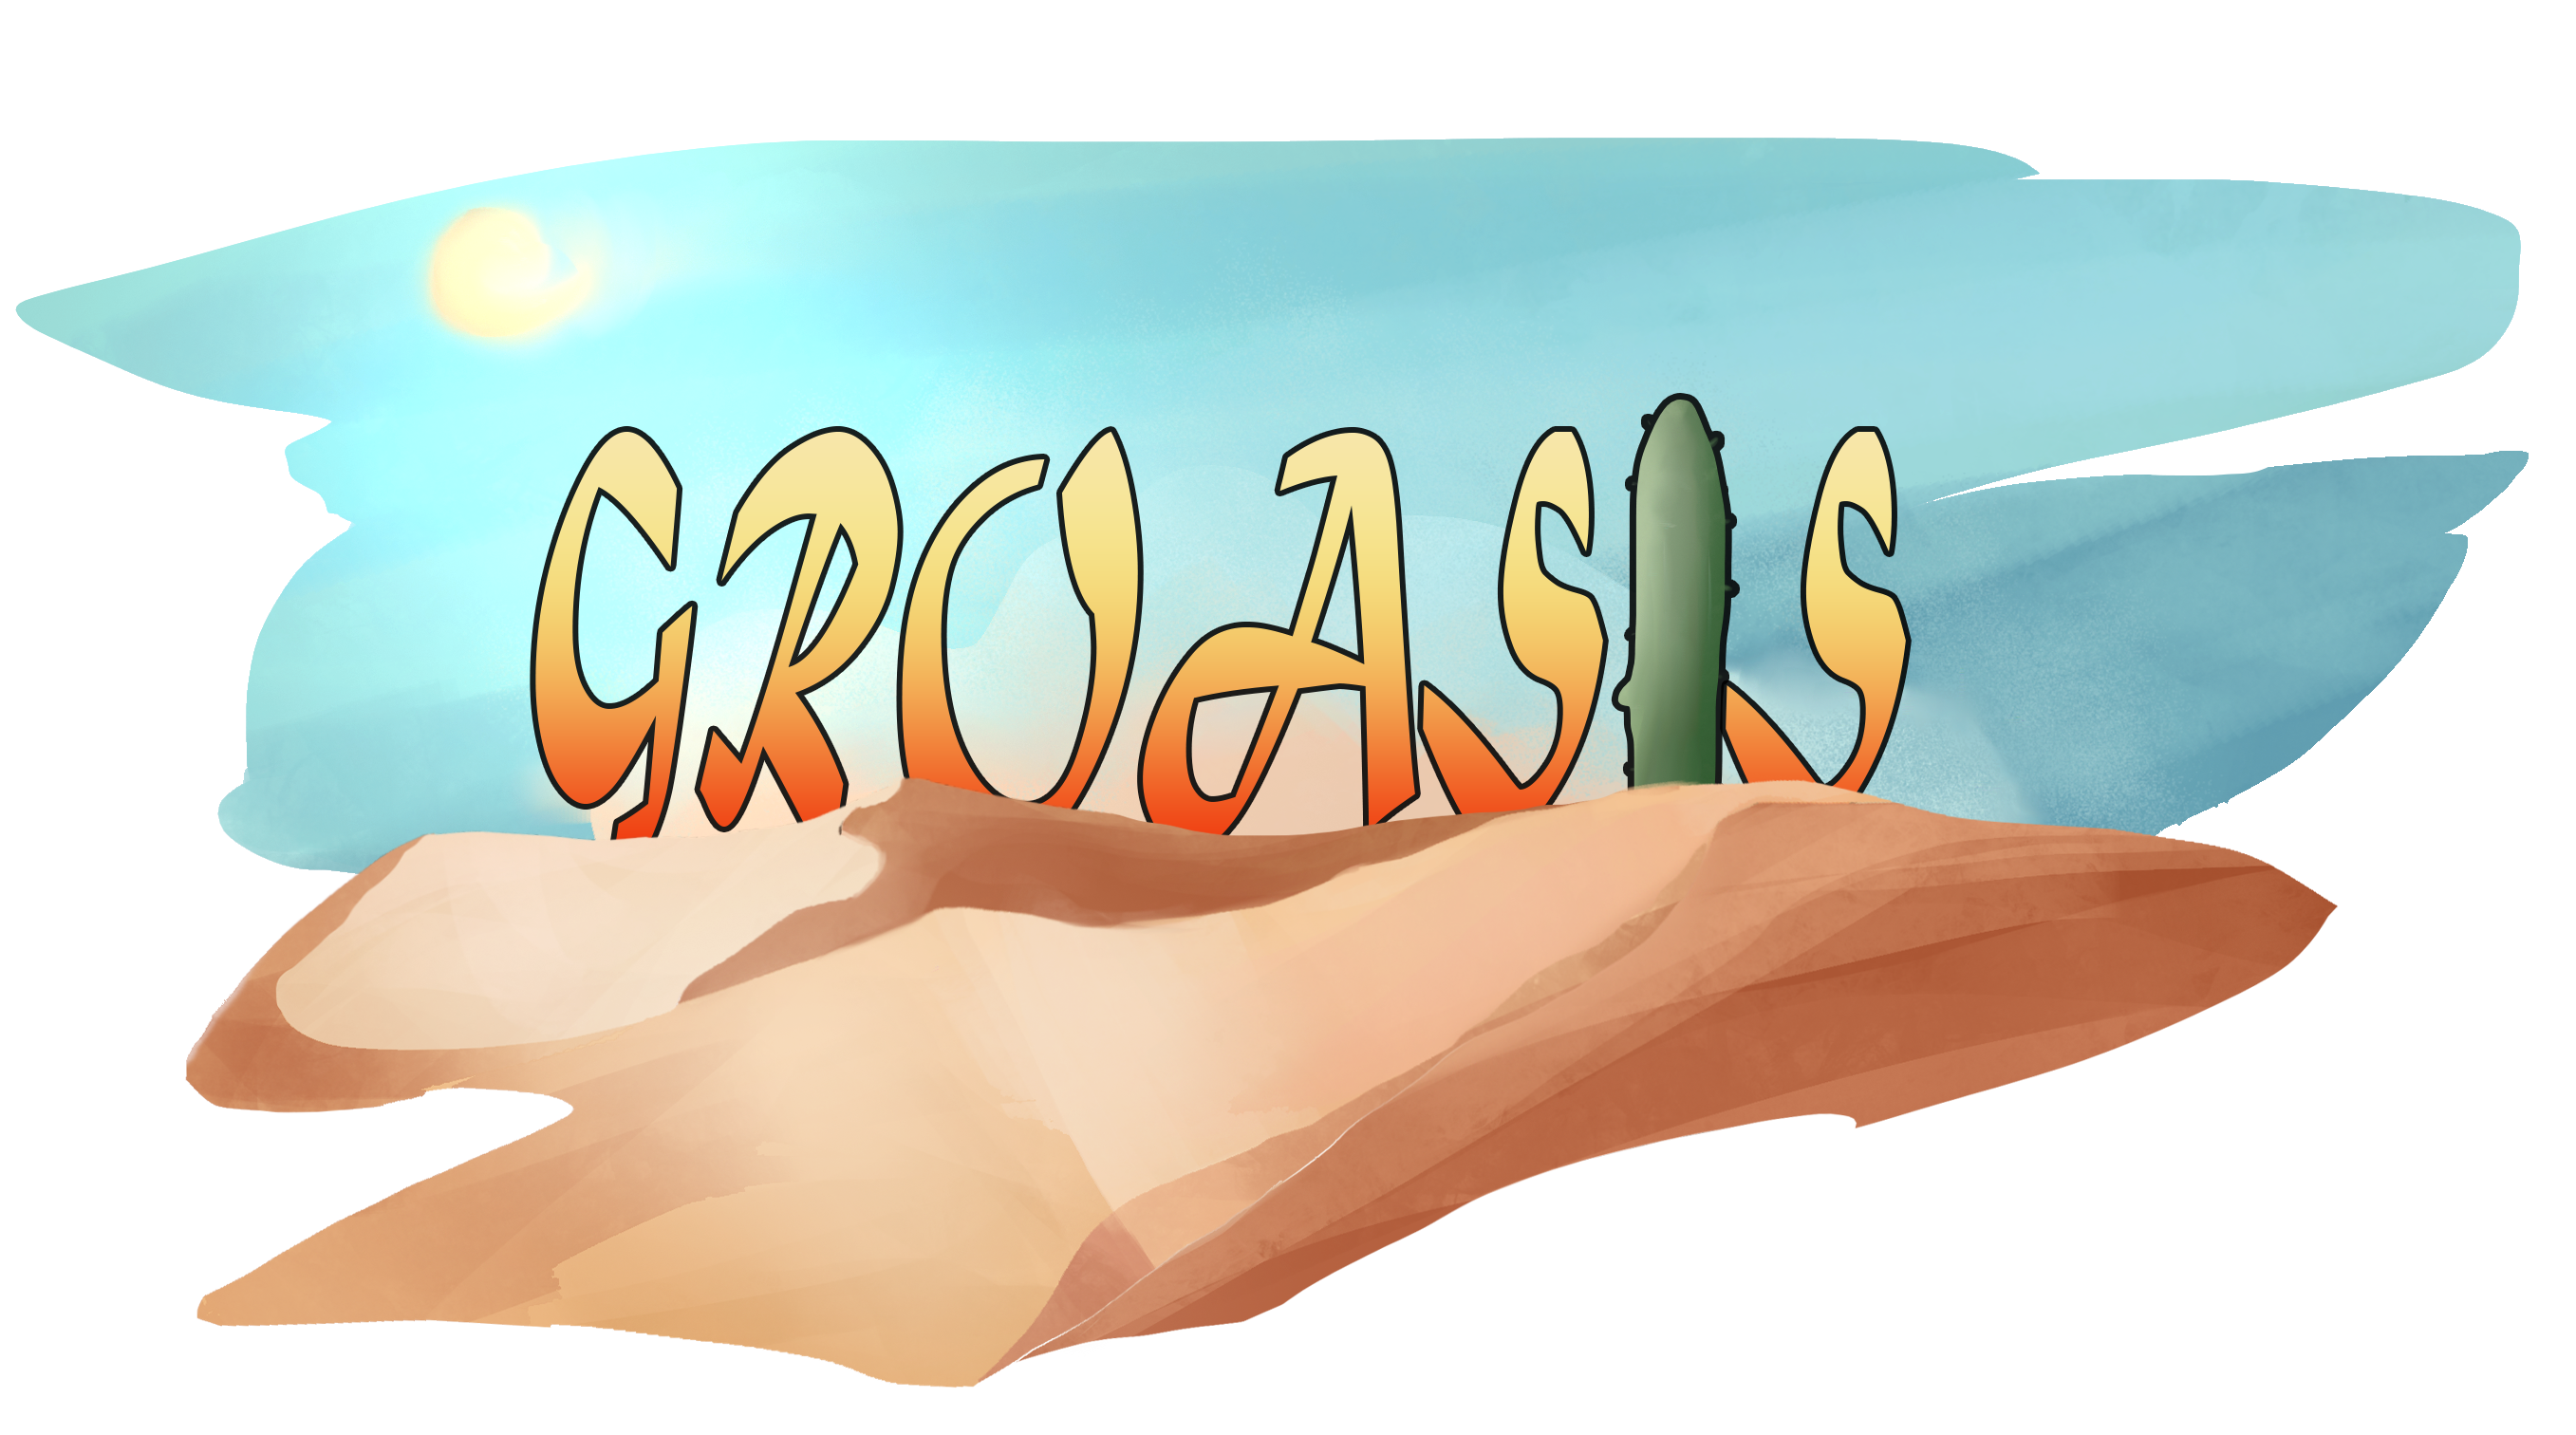 Groasis